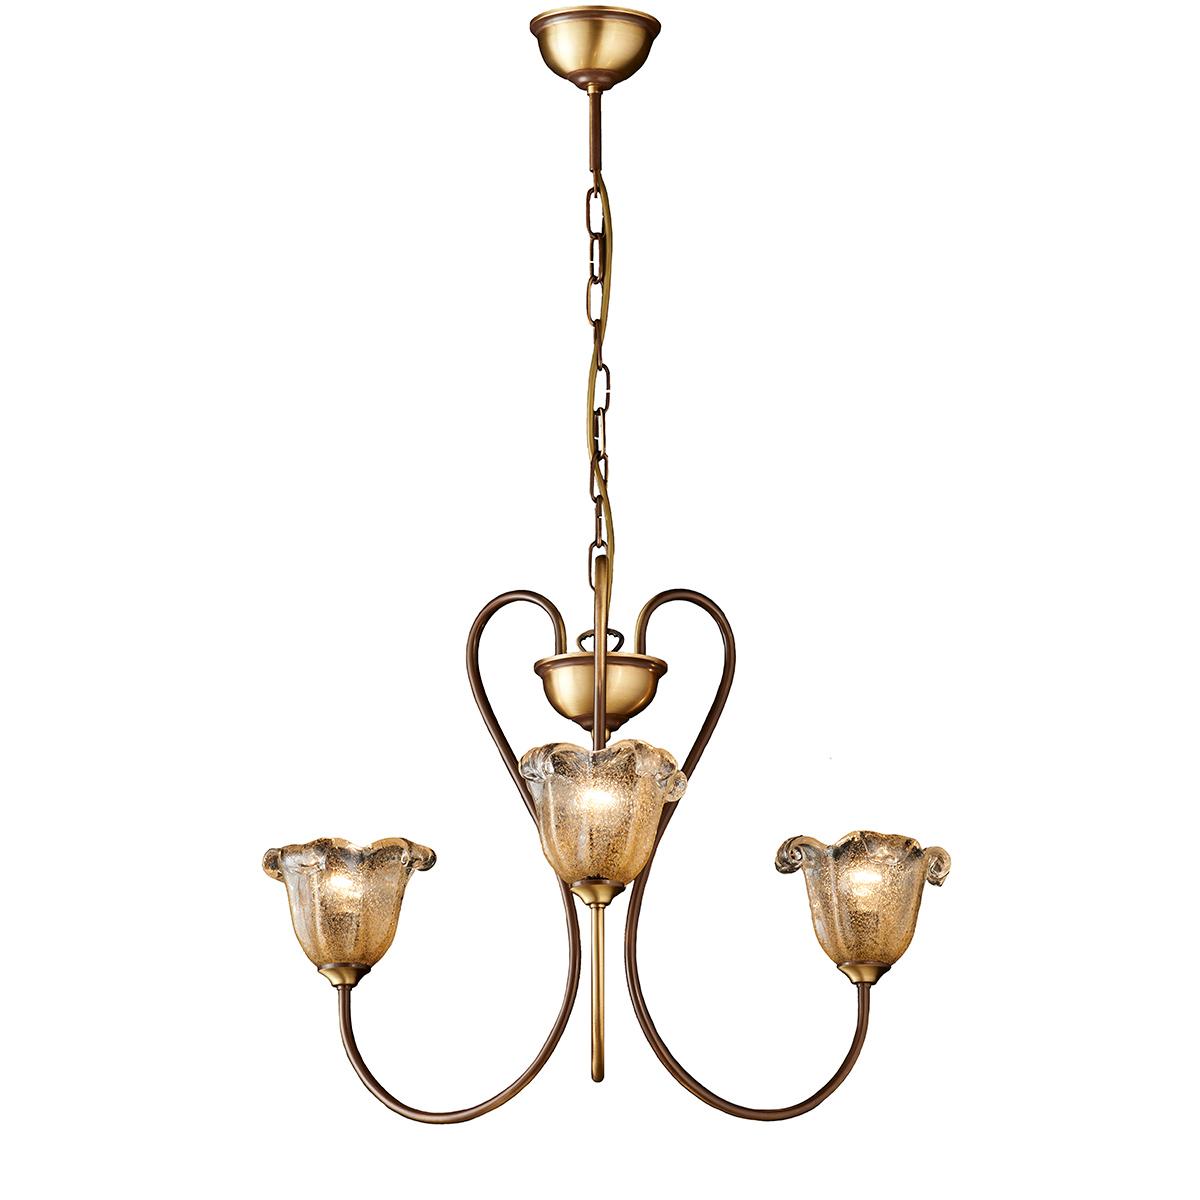 Κλασικό φωτιστικό με μελί κρύσταλλα Μουράνο ΝΑΞΟΣ-1 classic chandelier with amber Murano crystals